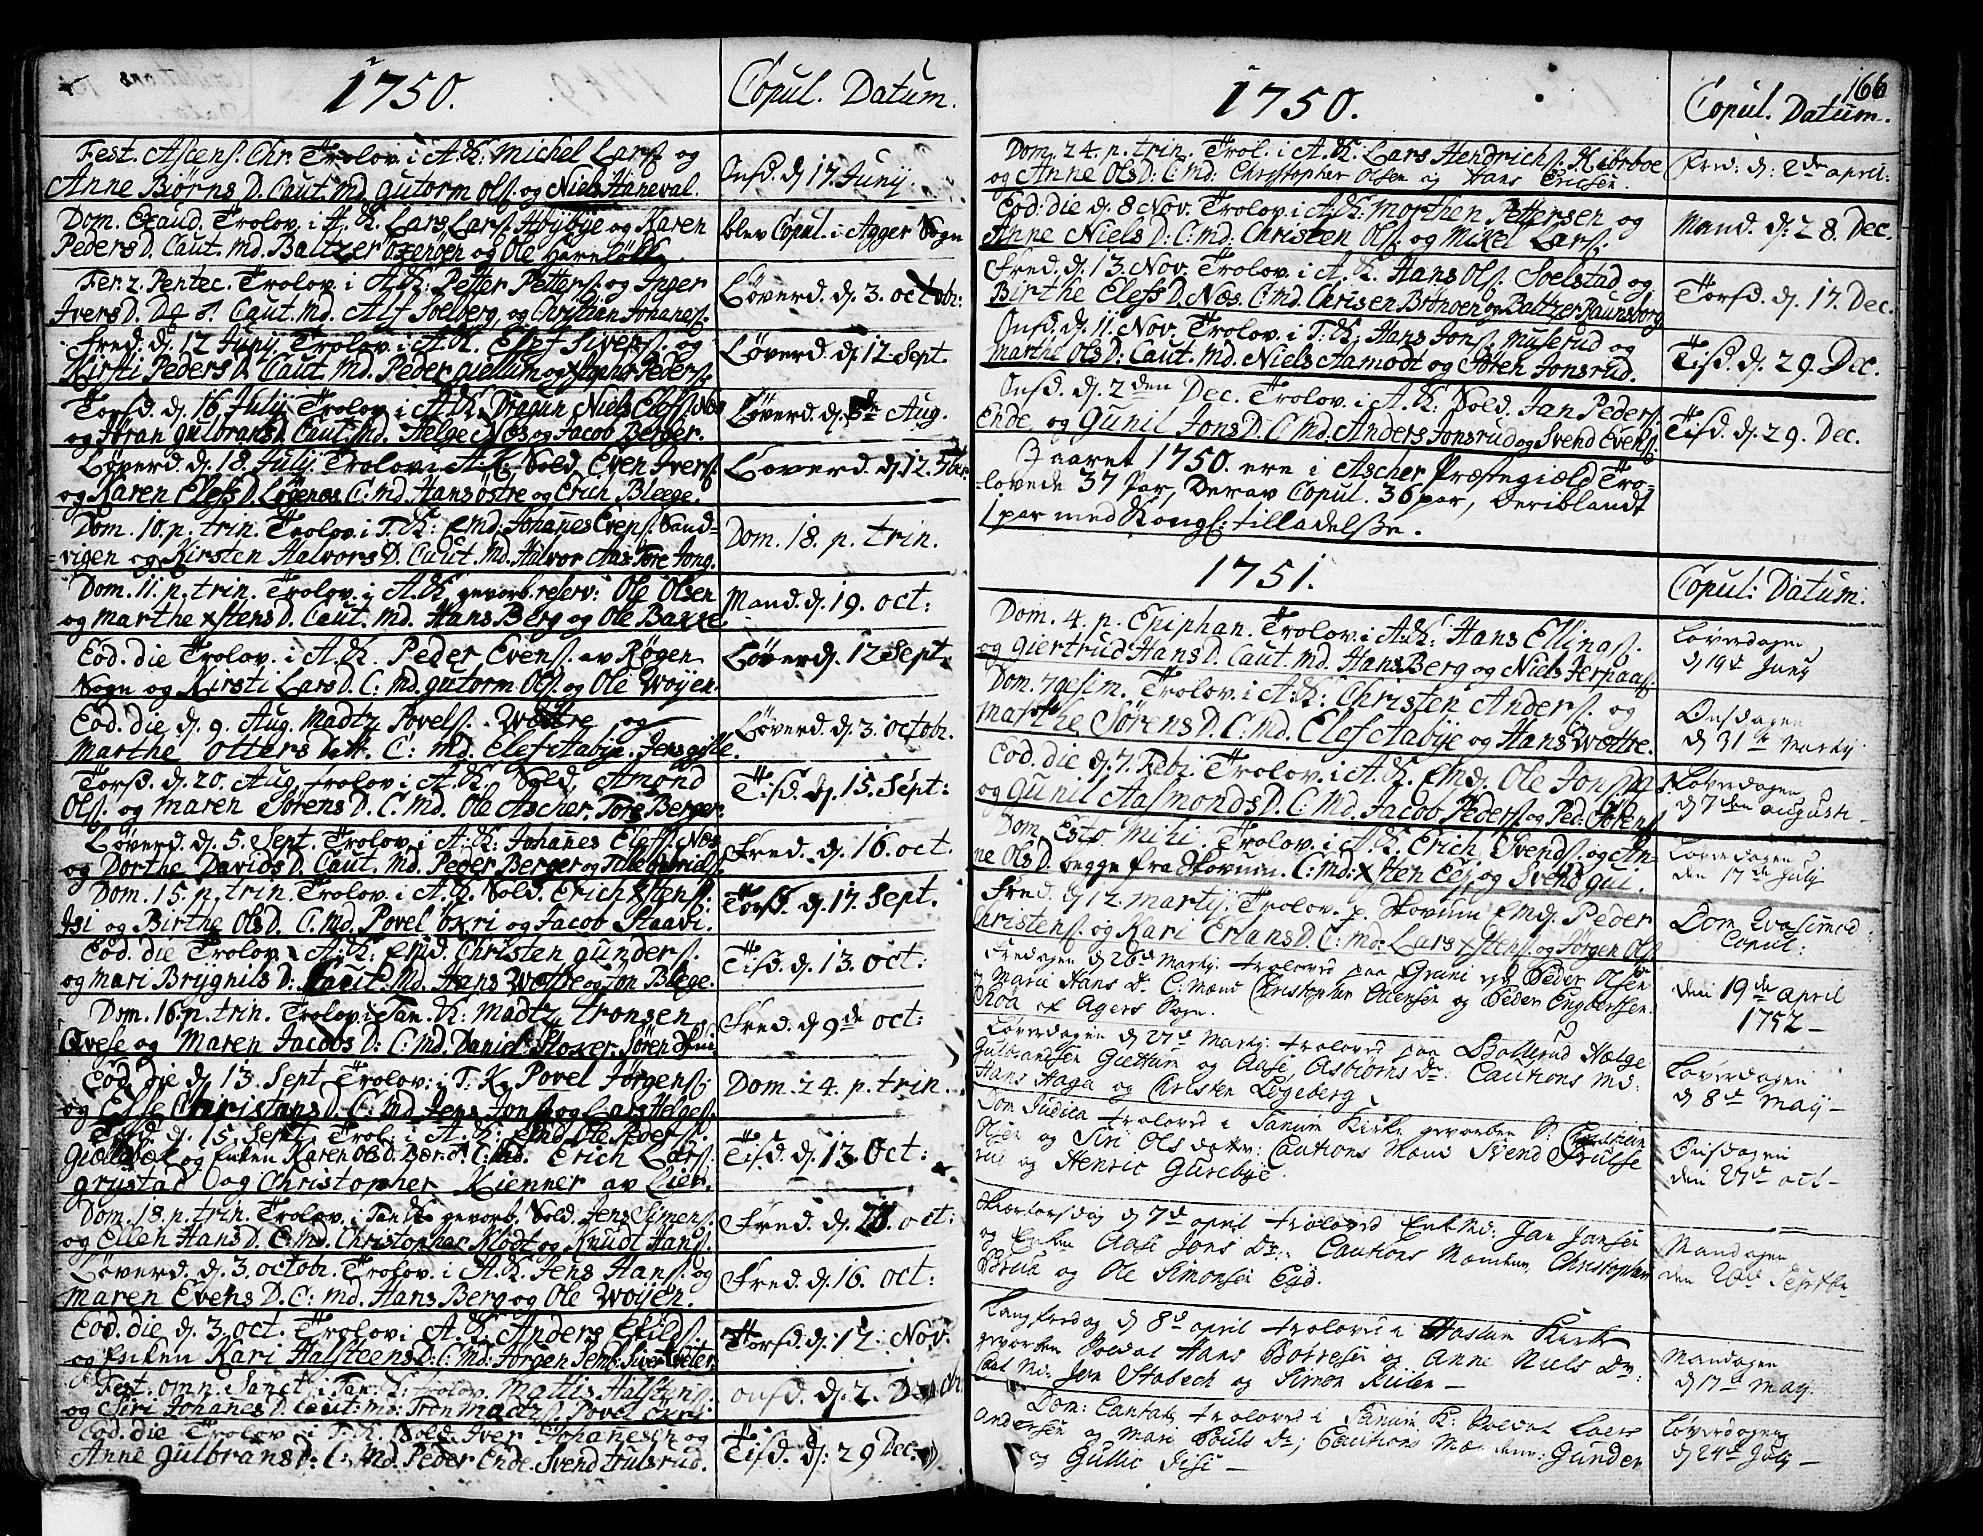 SAO, Asker prestekontor Kirkebøker, F/Fa/L0002: Ministerialbok nr. I 2, 1733-1766, s. 166